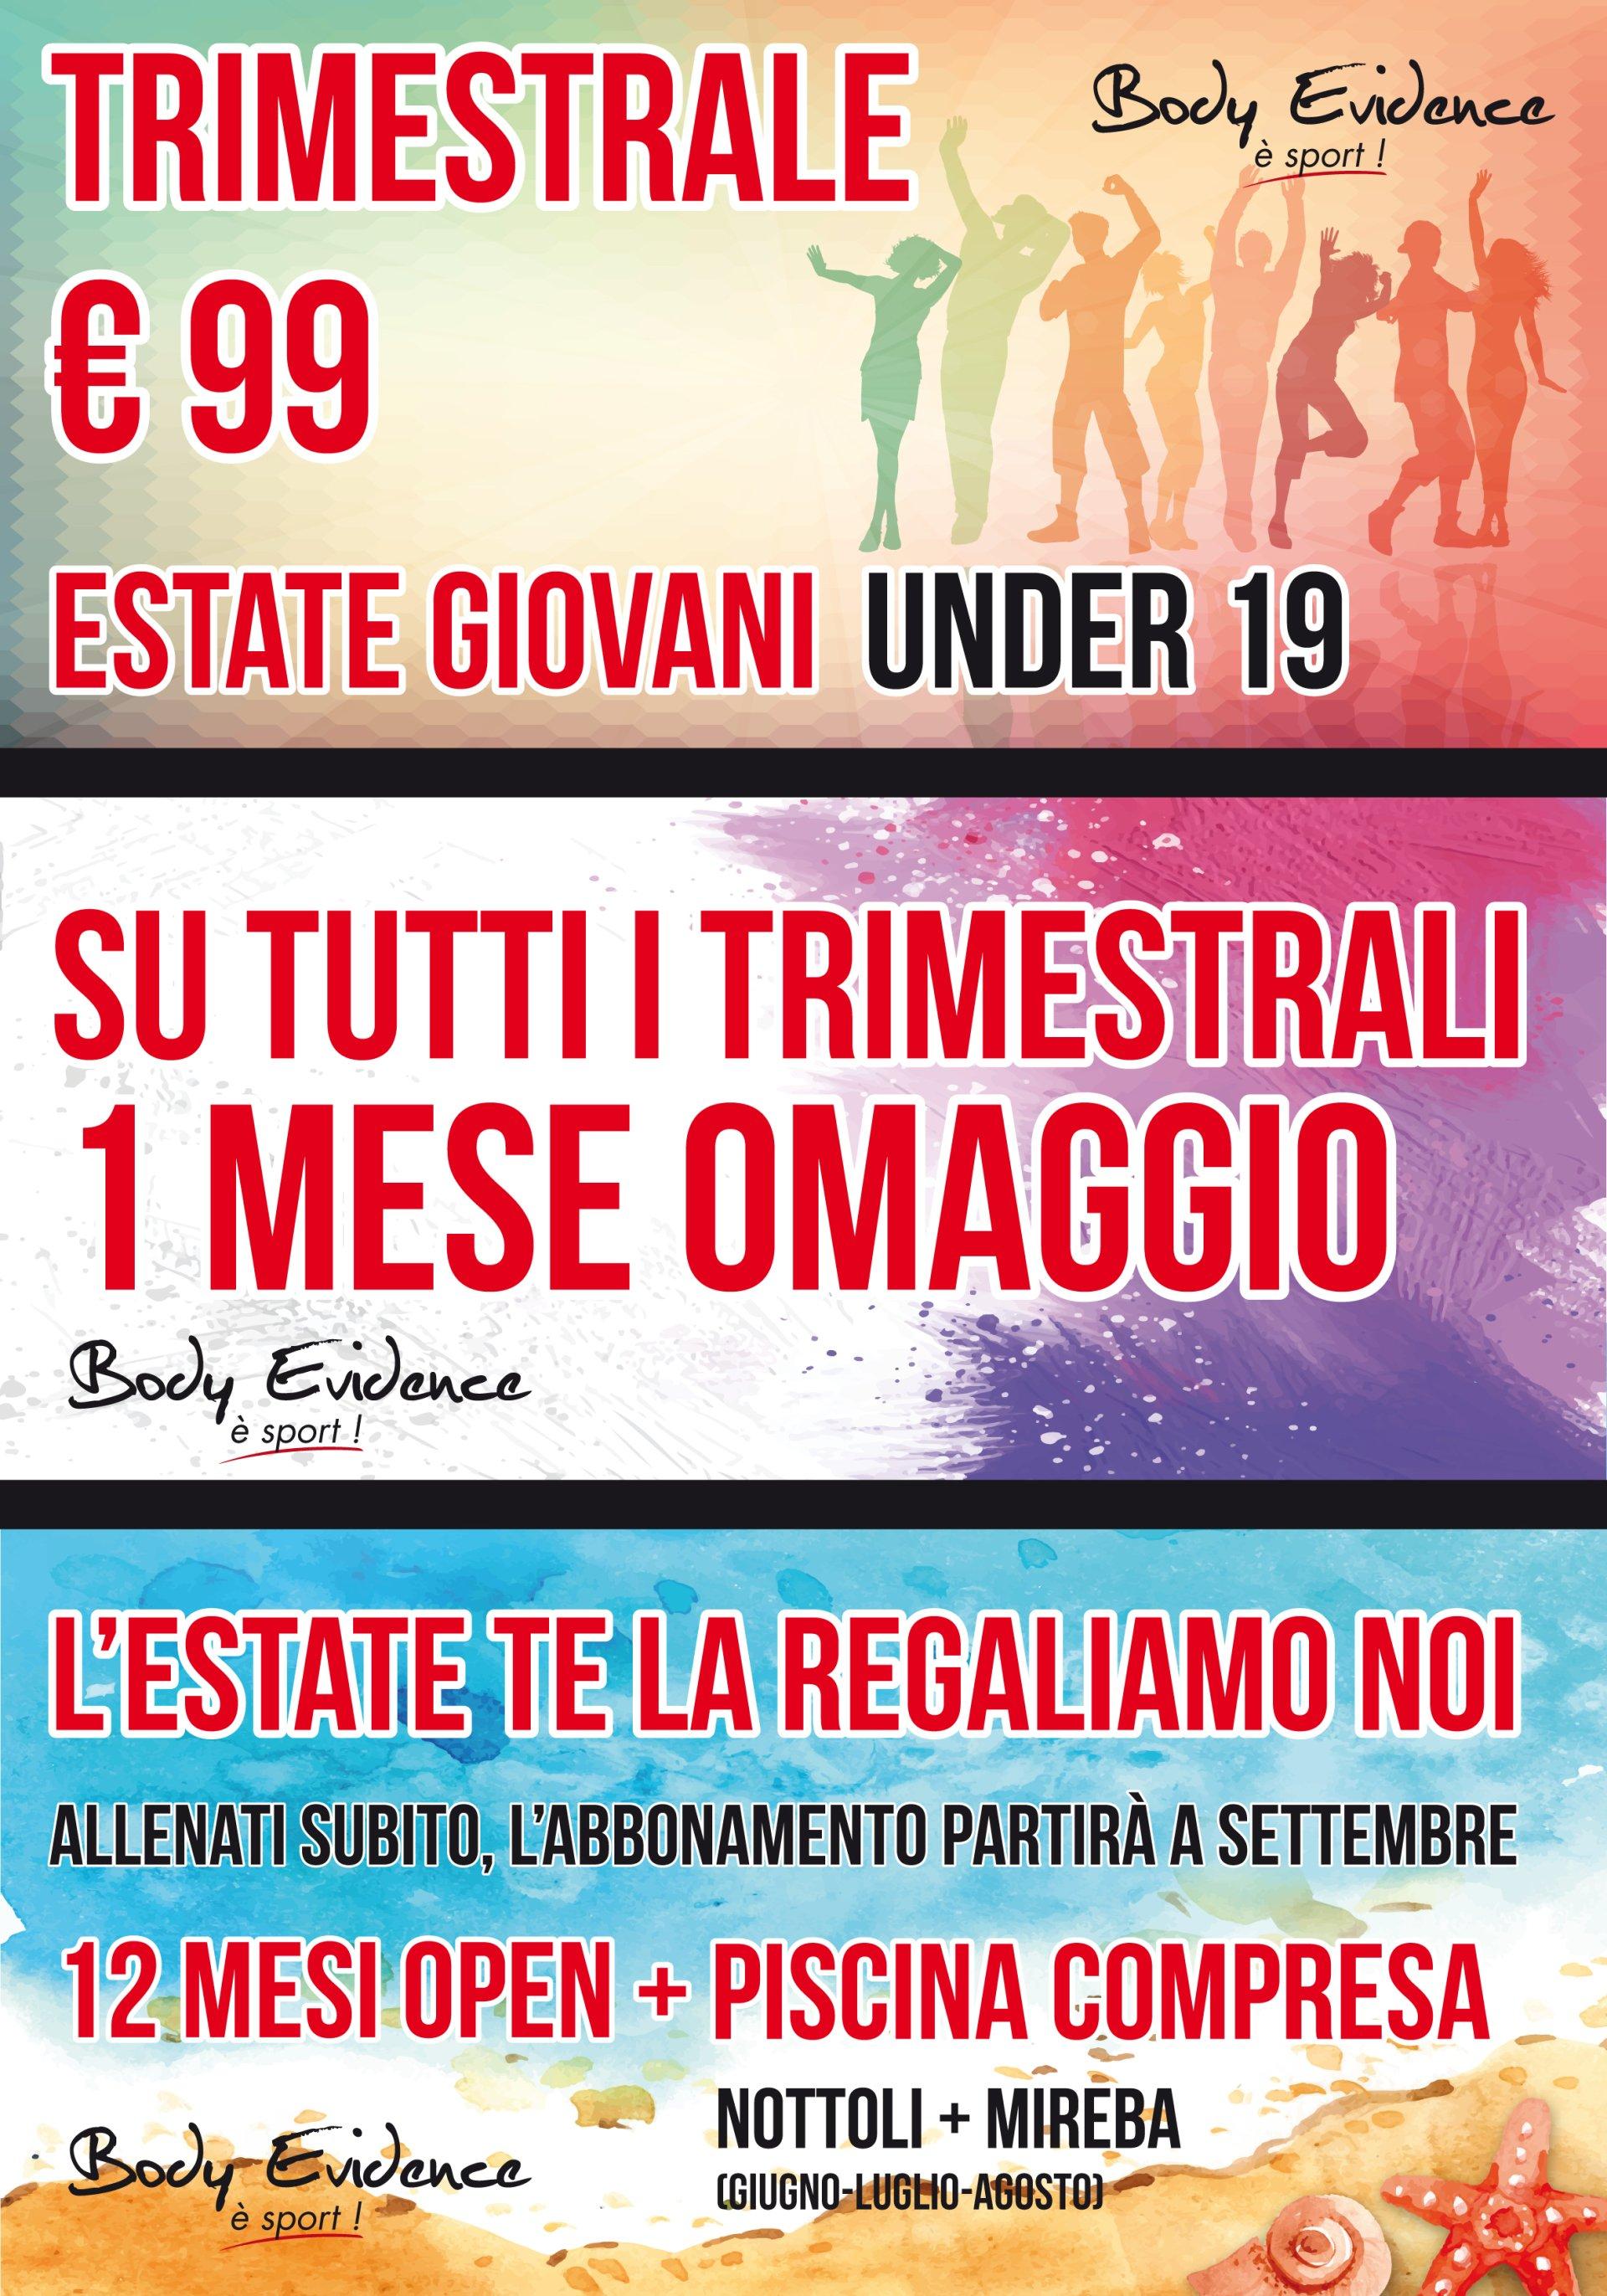 Palestra  Conegliano  Vittorio Veneto  Body Evidence